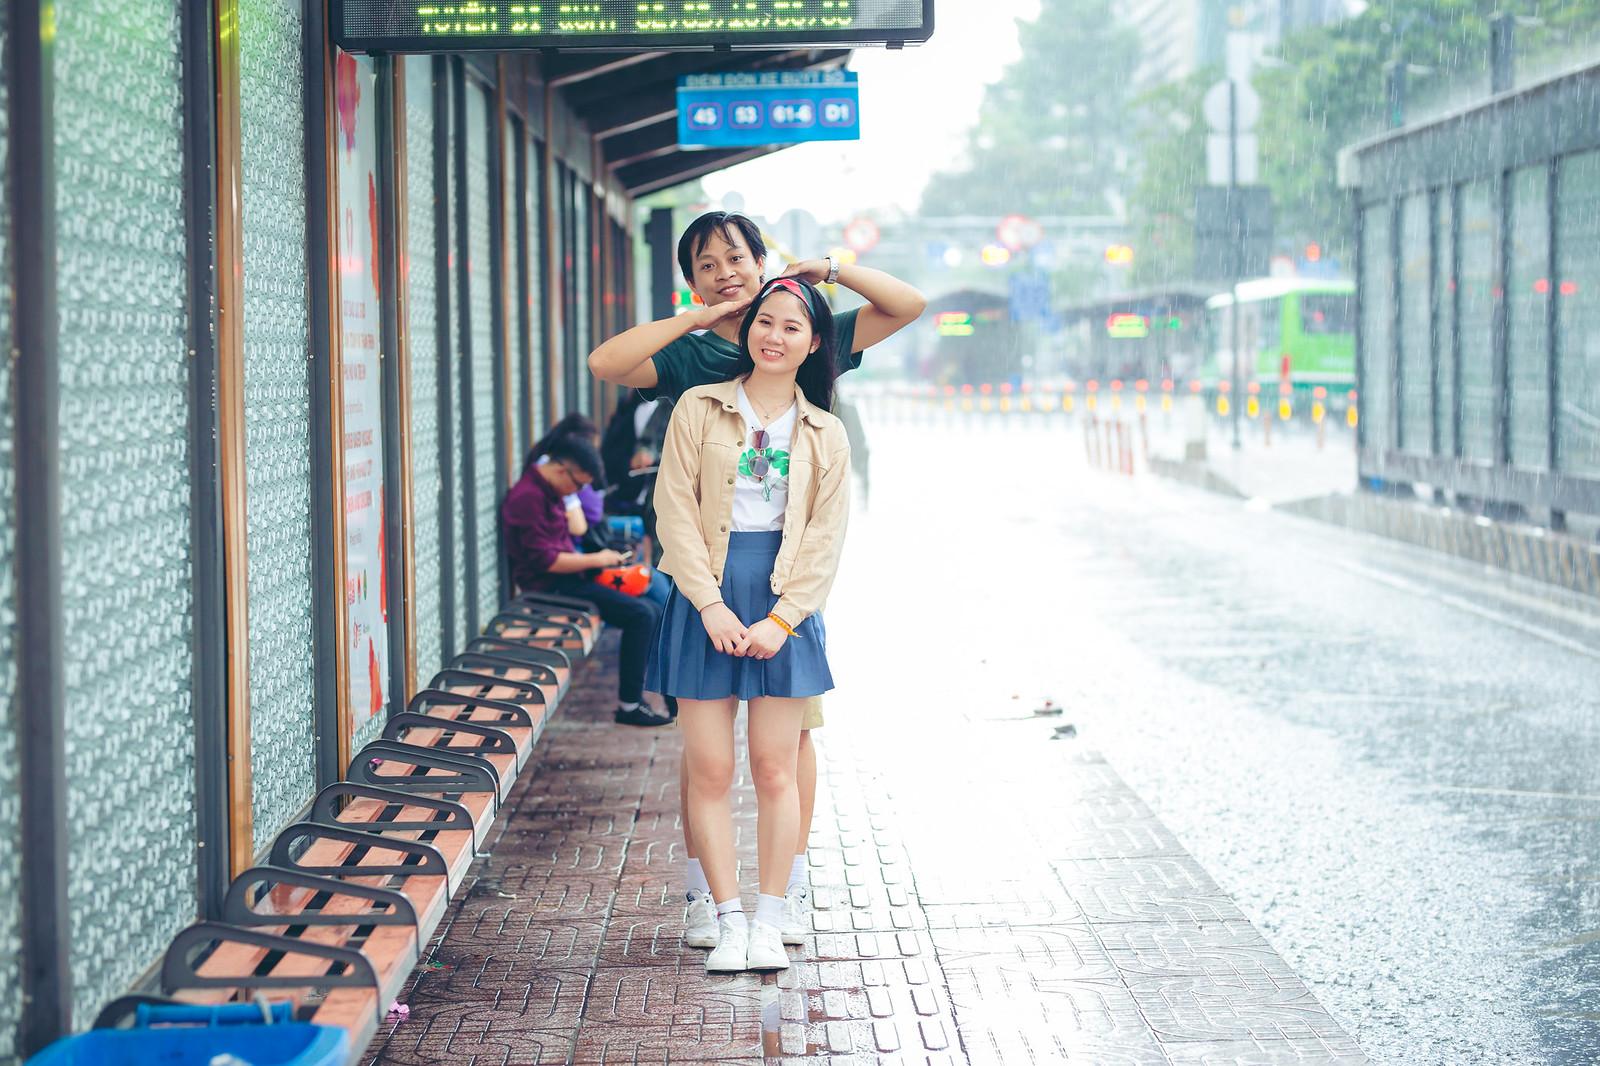 40813683663 85c4816dca h - Chụp hình cưới tại bến xe buýt Hàm Nghi, Quận 1